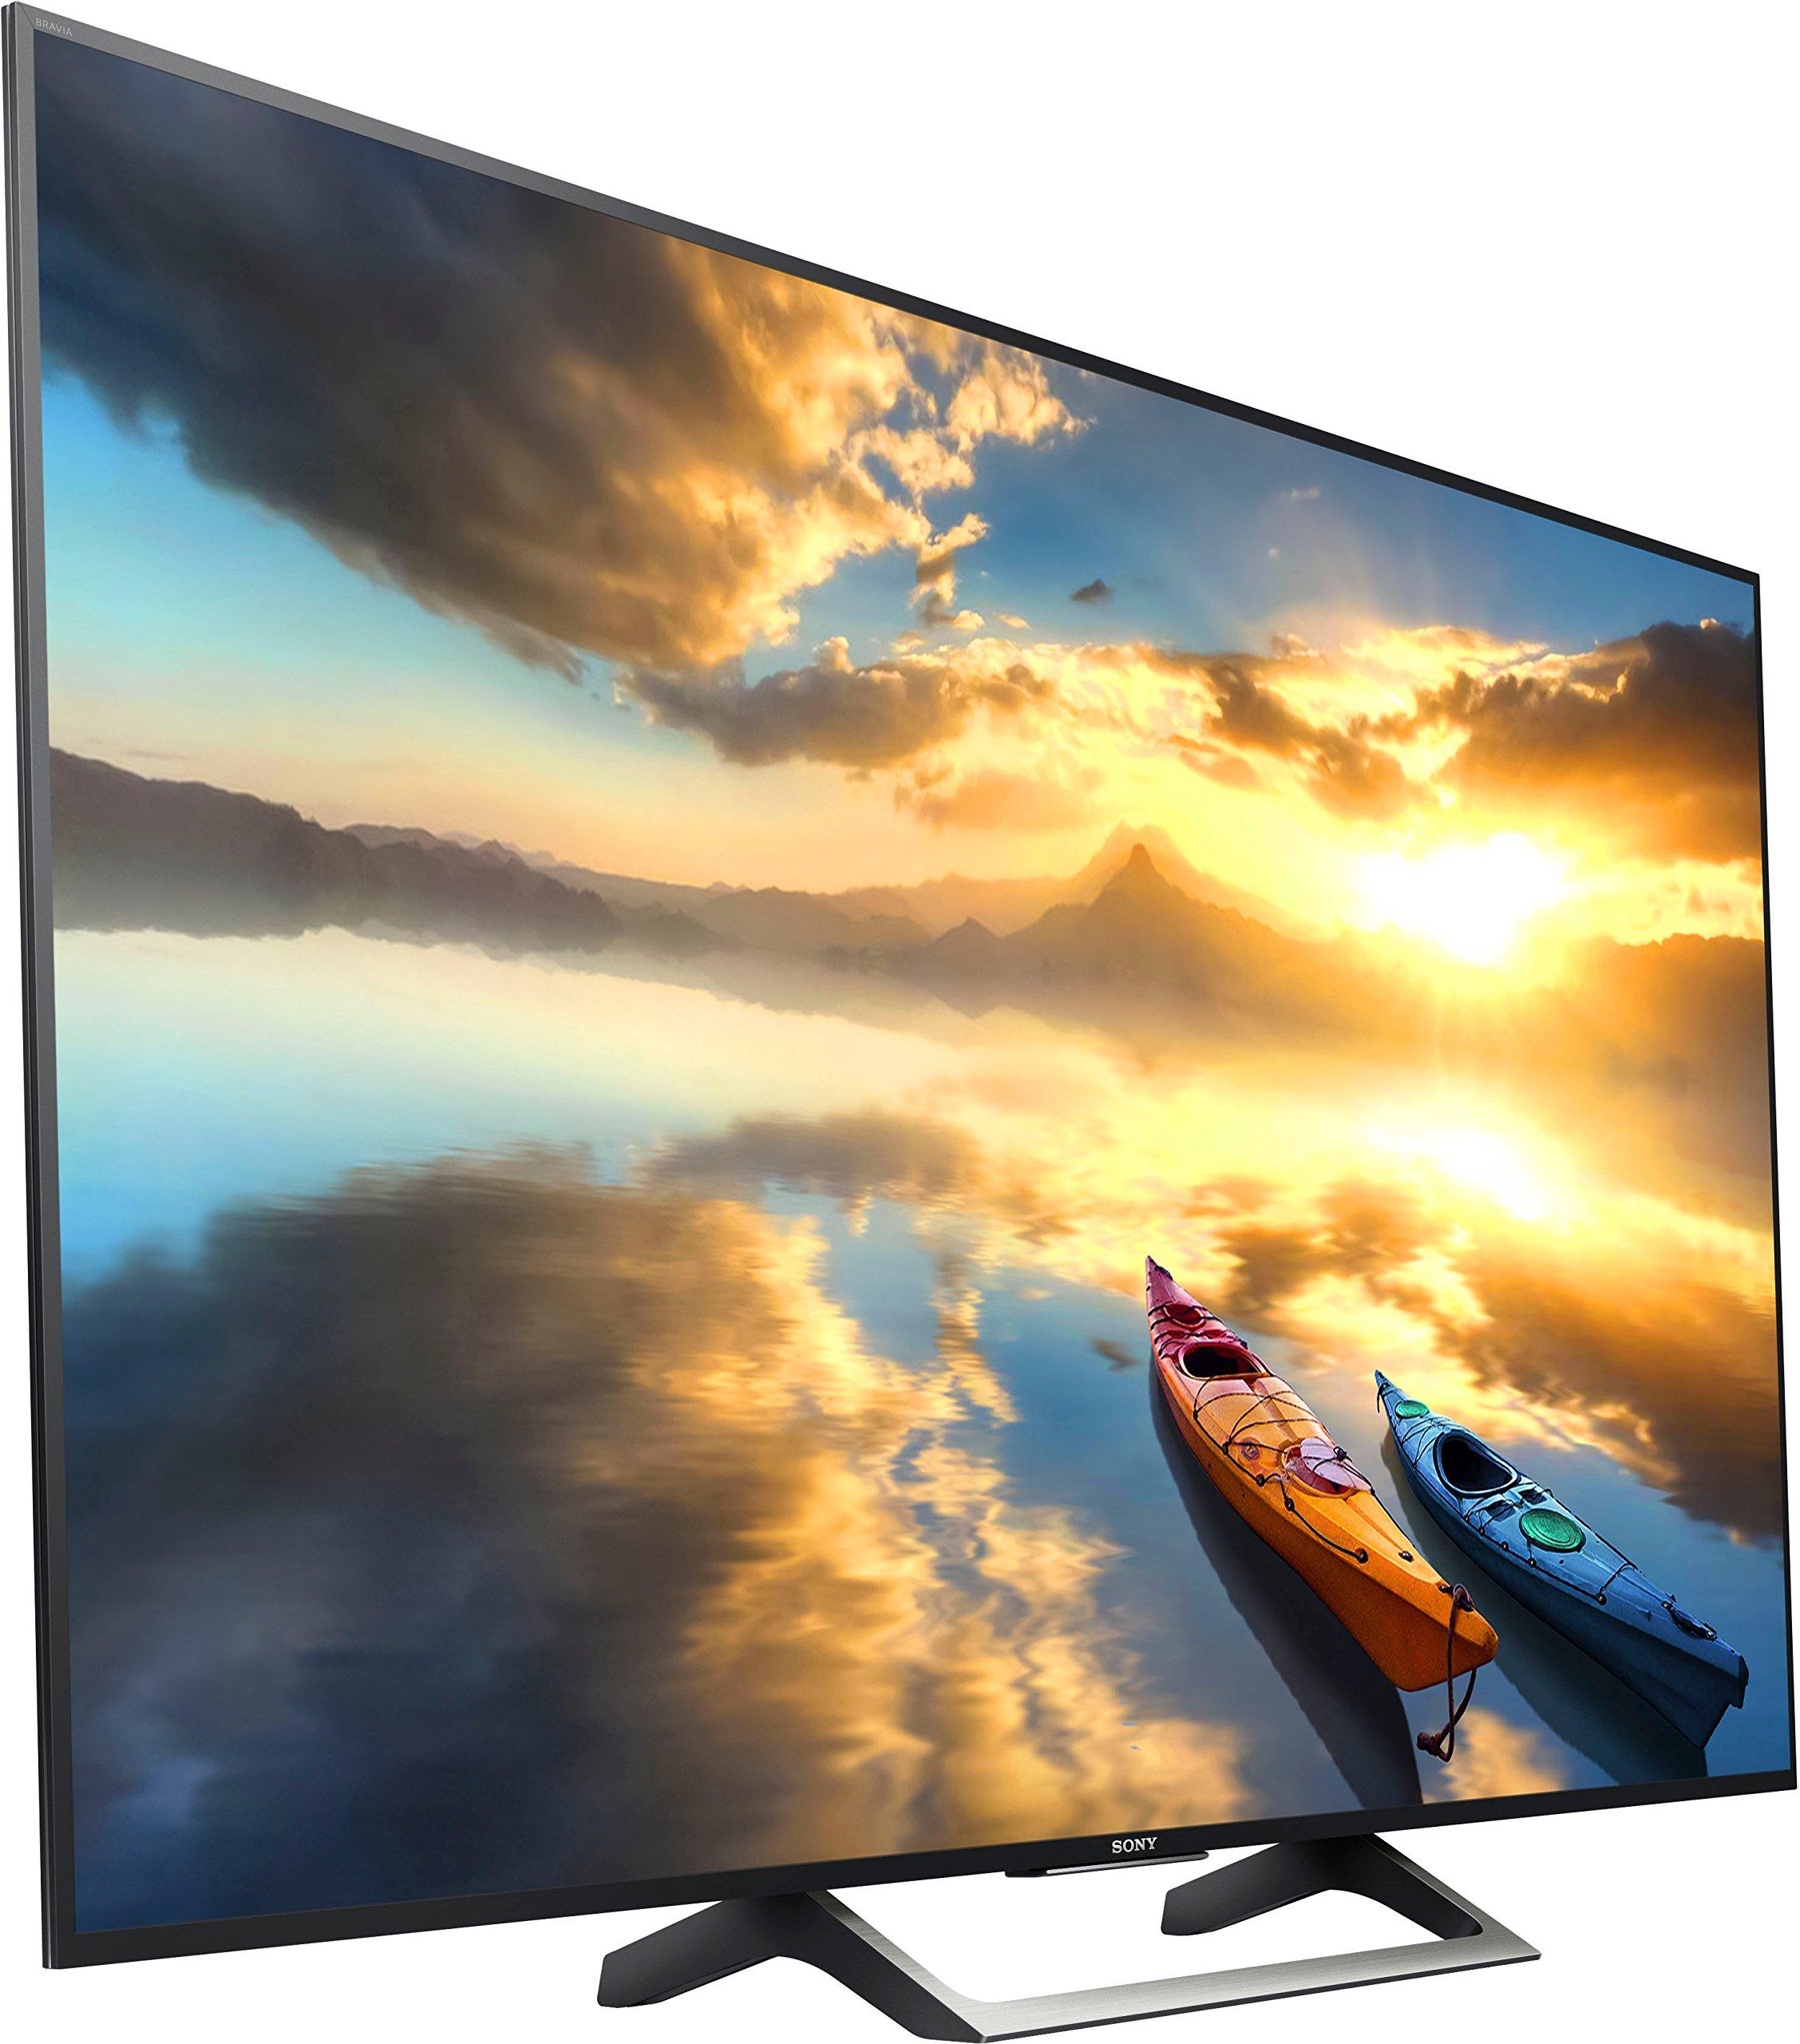 Sony KD-49XE7004 TV 124,5 cm (49